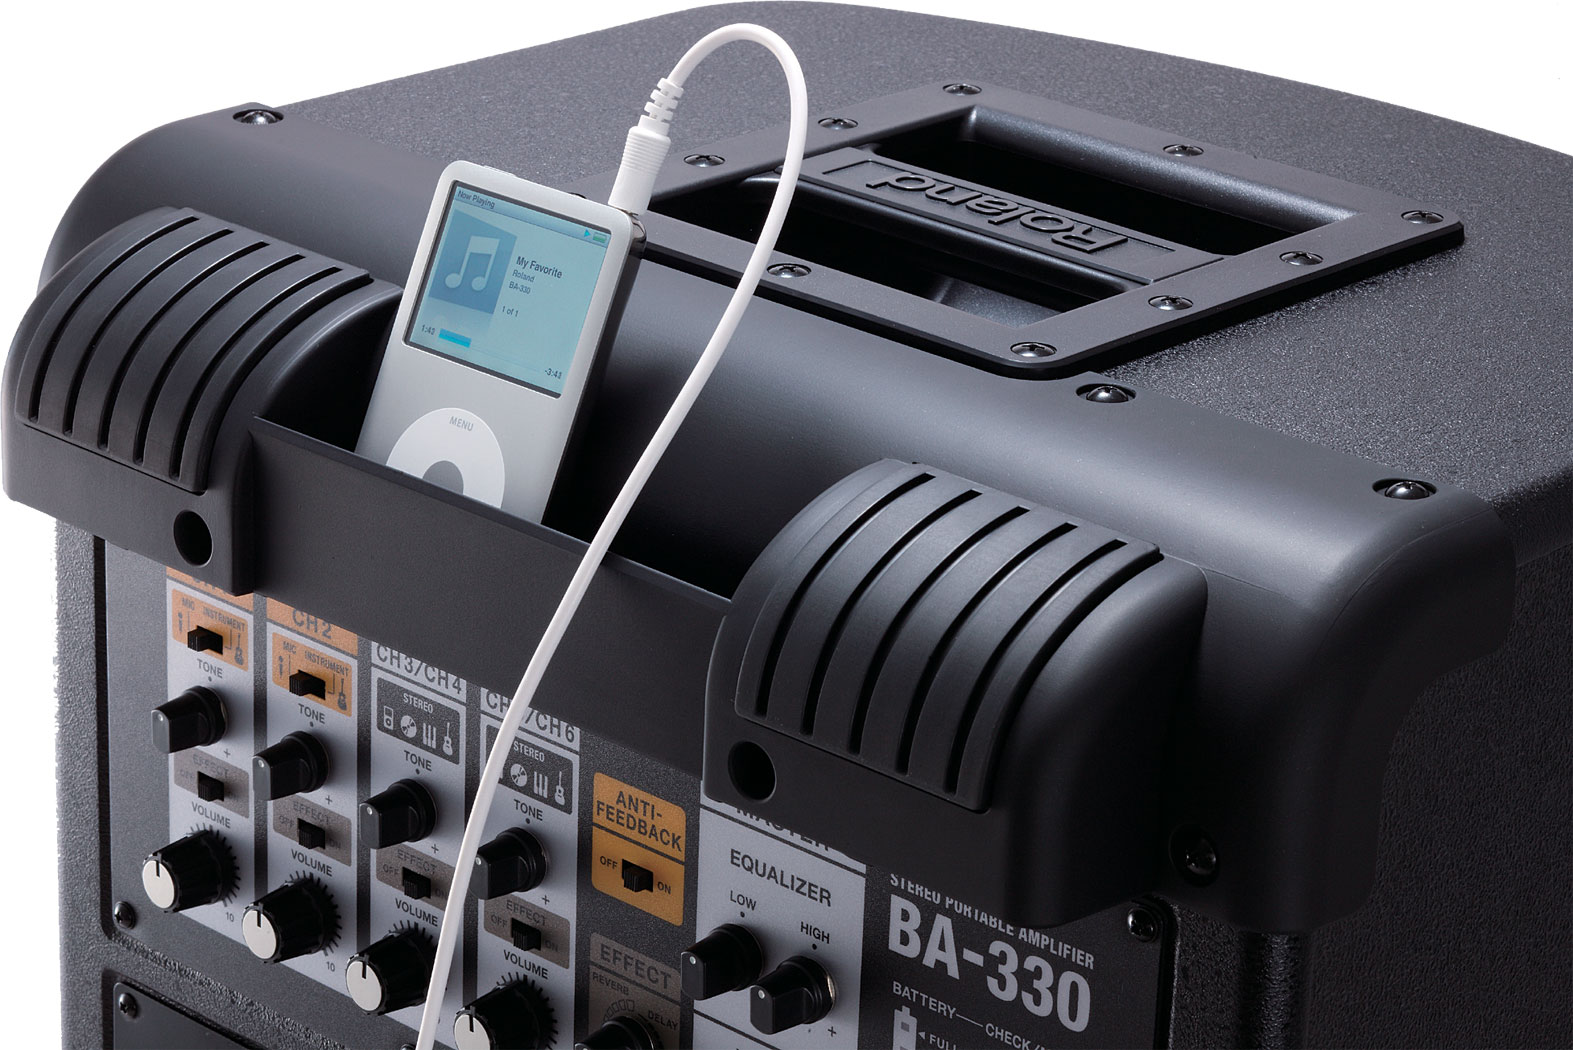 roland ba 330 stereo portable amplifier rh roland com Roland BA-330 Bag Roland BA-330 Bag